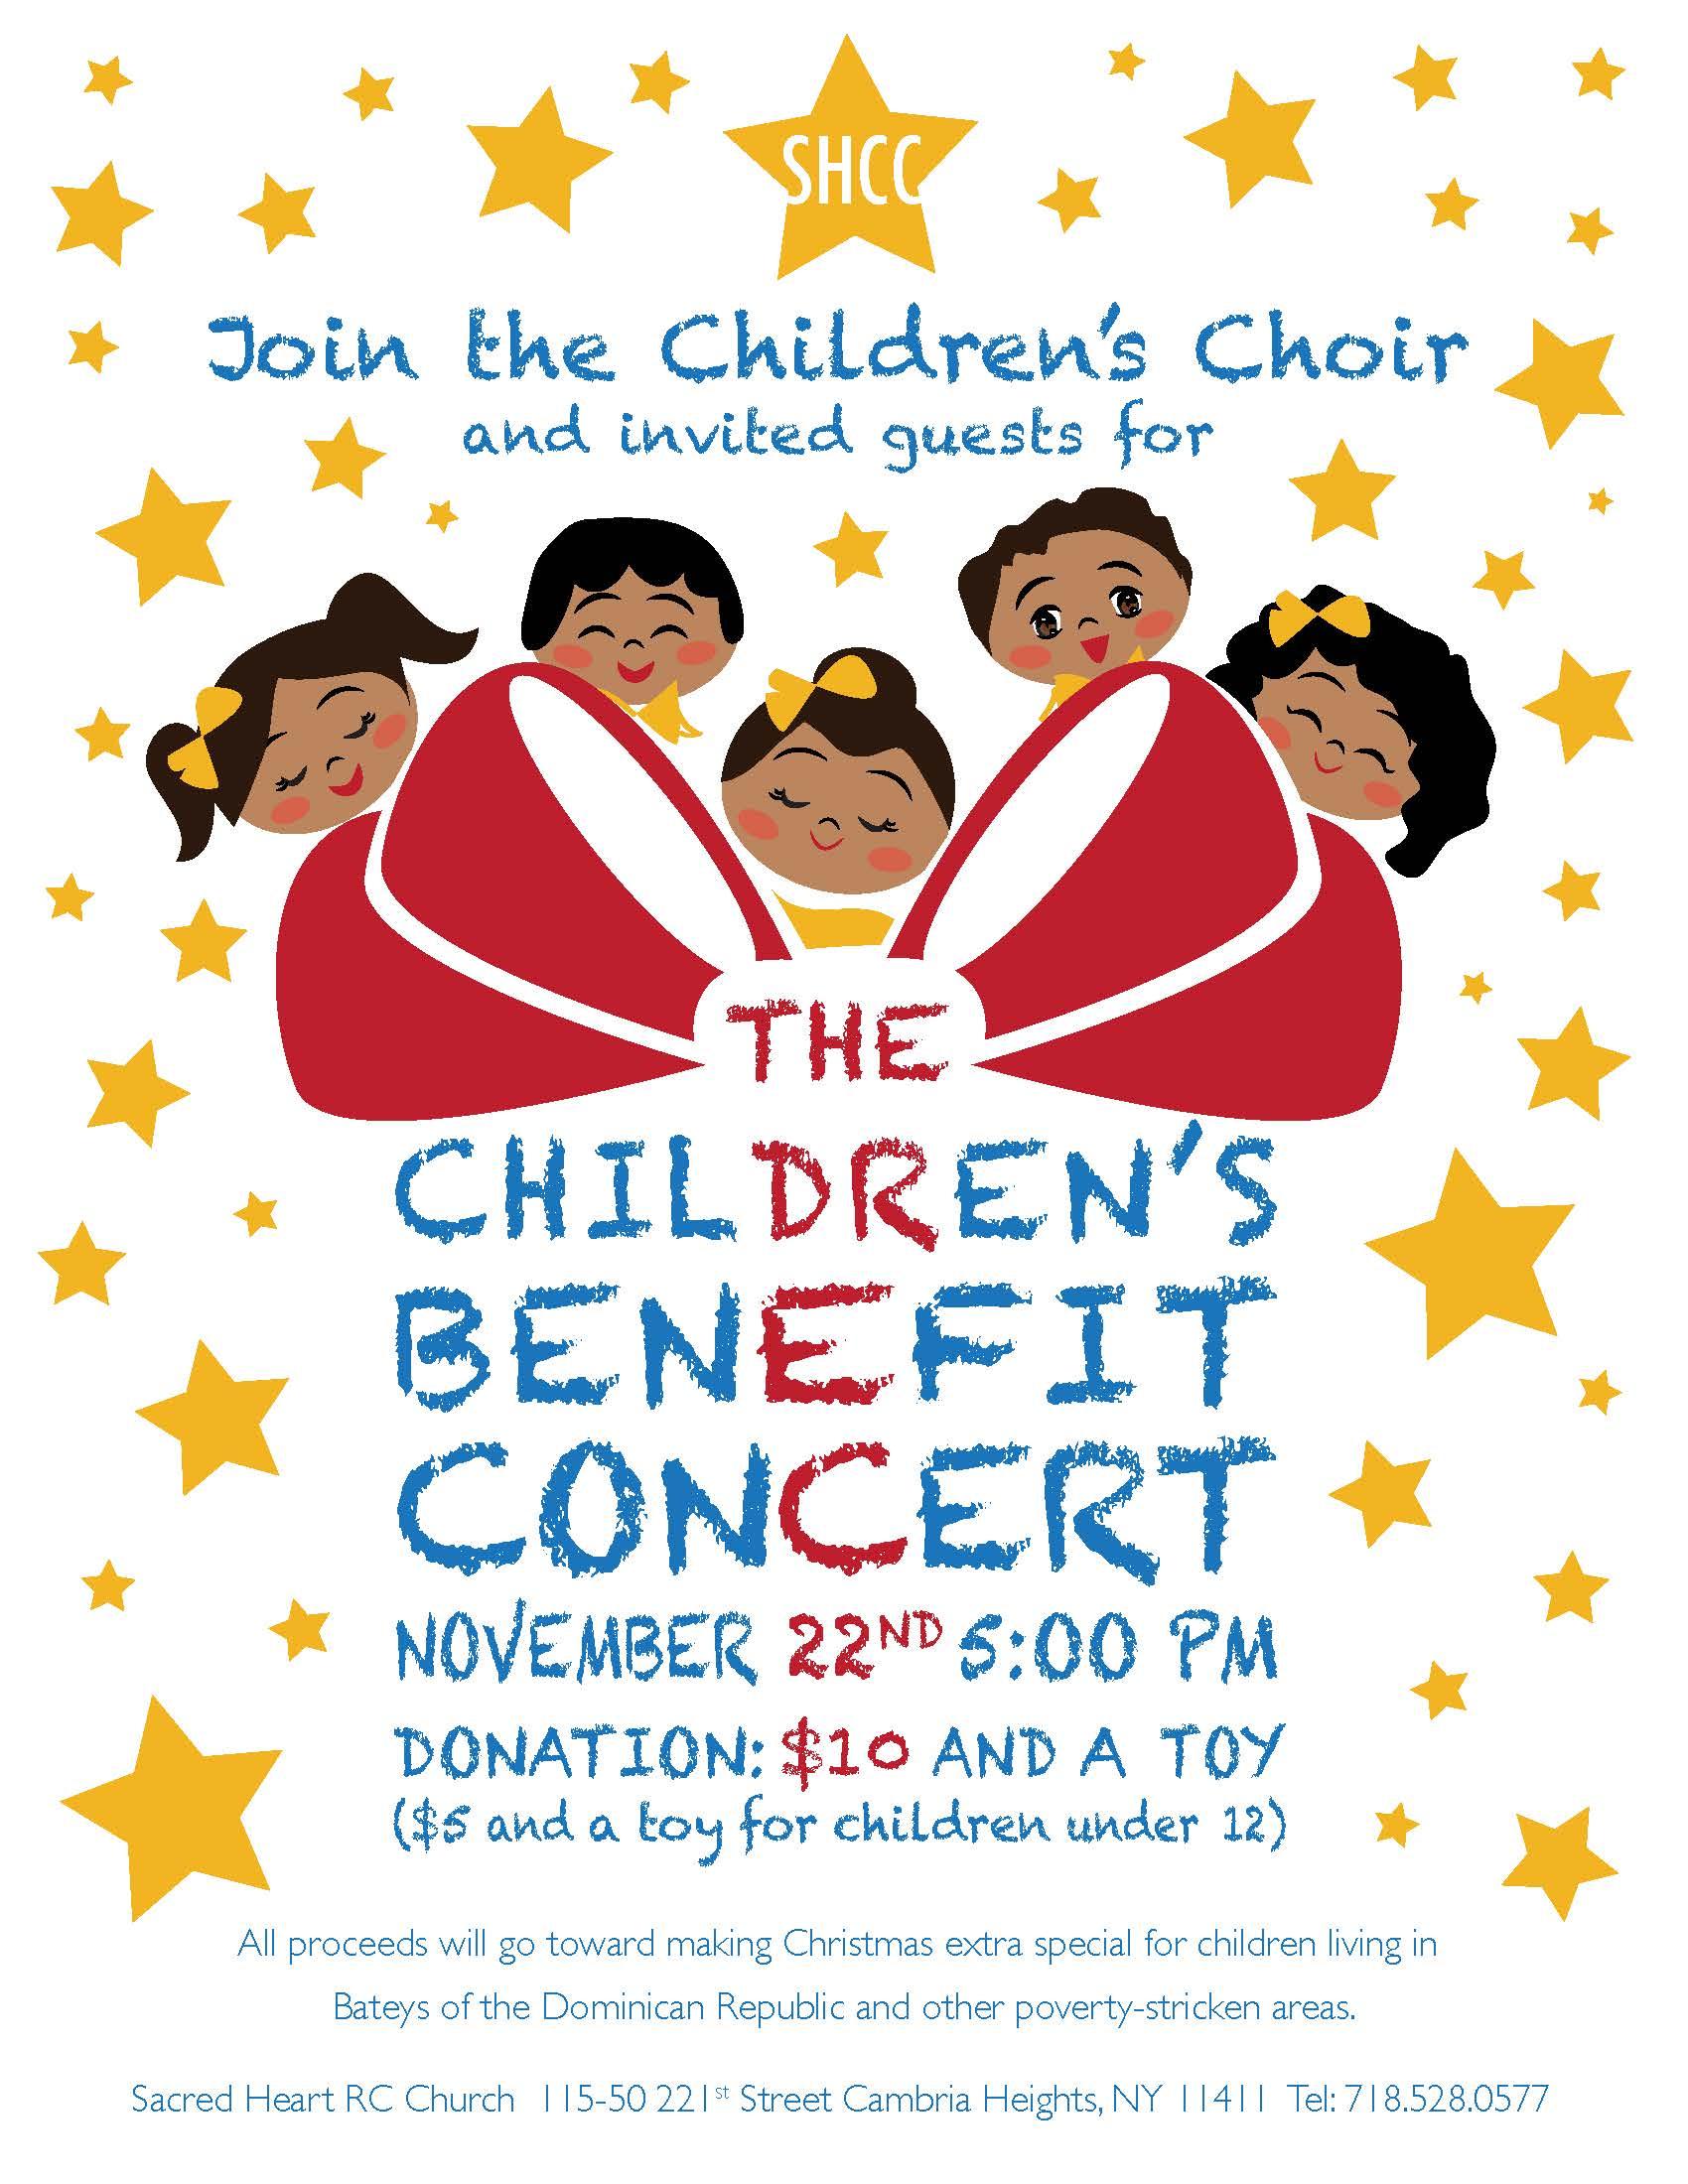 Children Choir Benefit Concert 2015.jpg